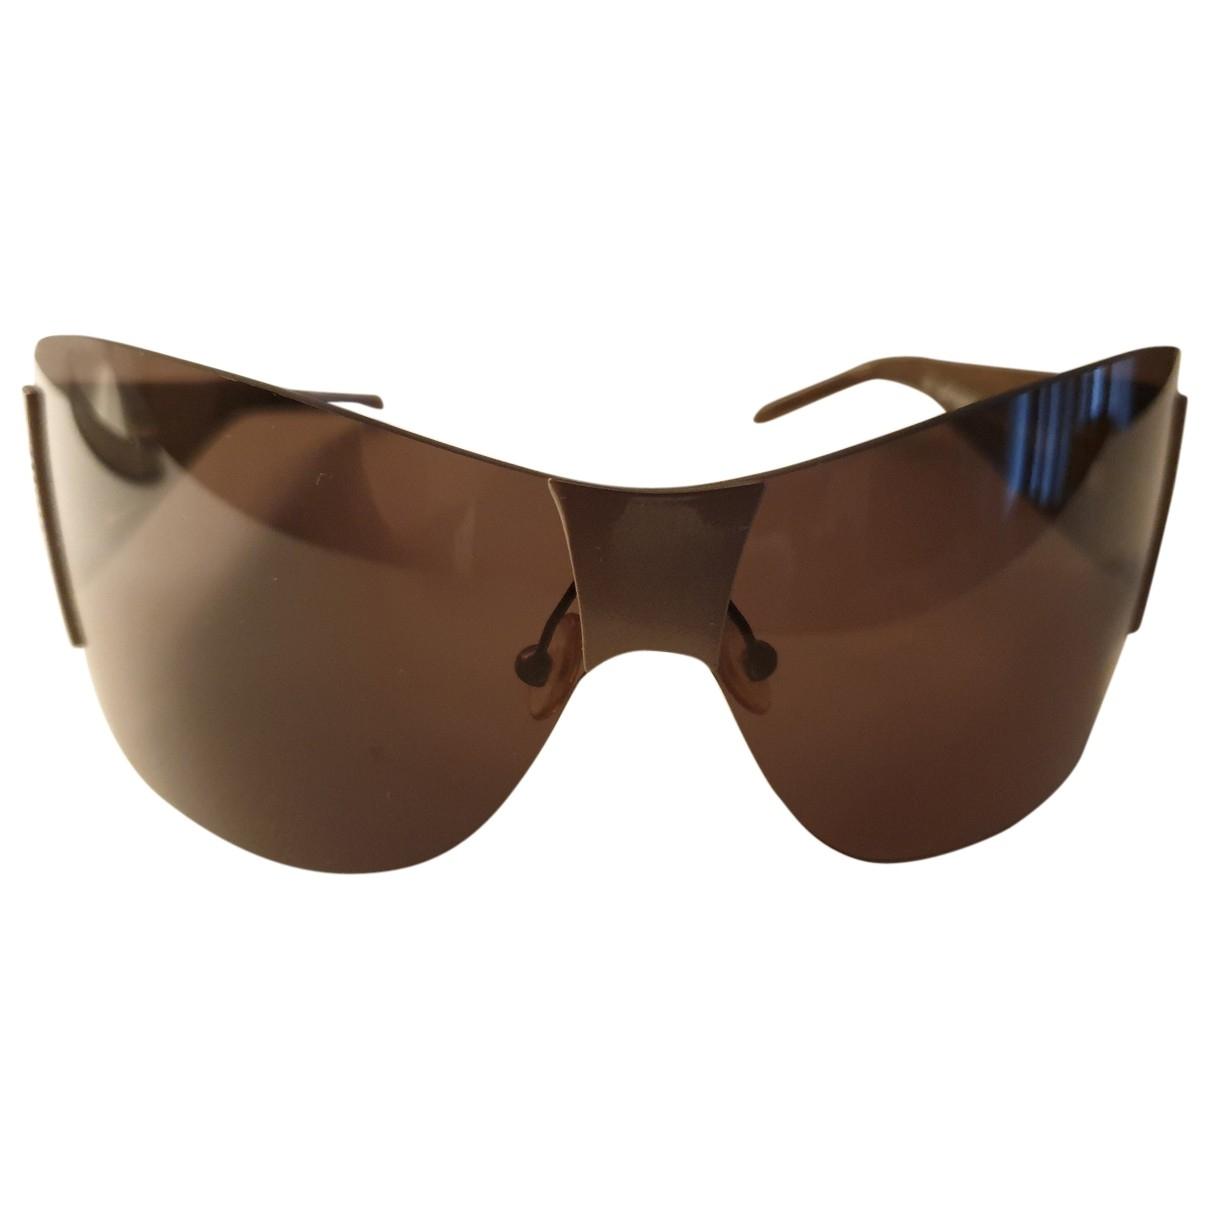 Gianfranco Ferré \N Brown Metal Sunglasses for Women \N